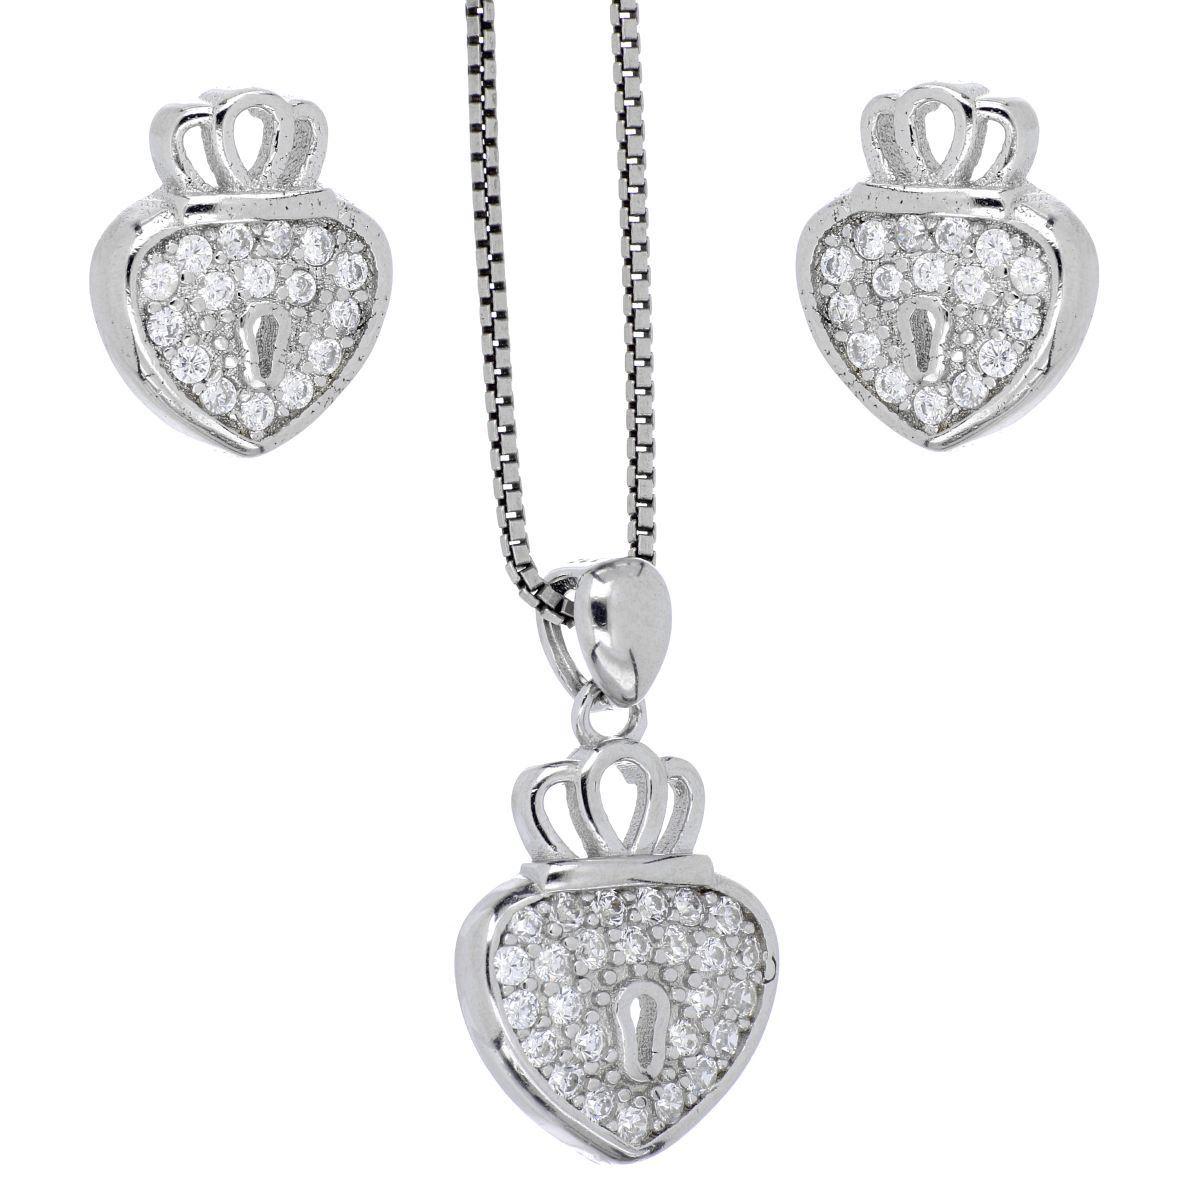 Set arete+dije+cadena Farfalla Bonetti de plata 925 candado corazón, con cadena de 42 cms y  acabado en rodio